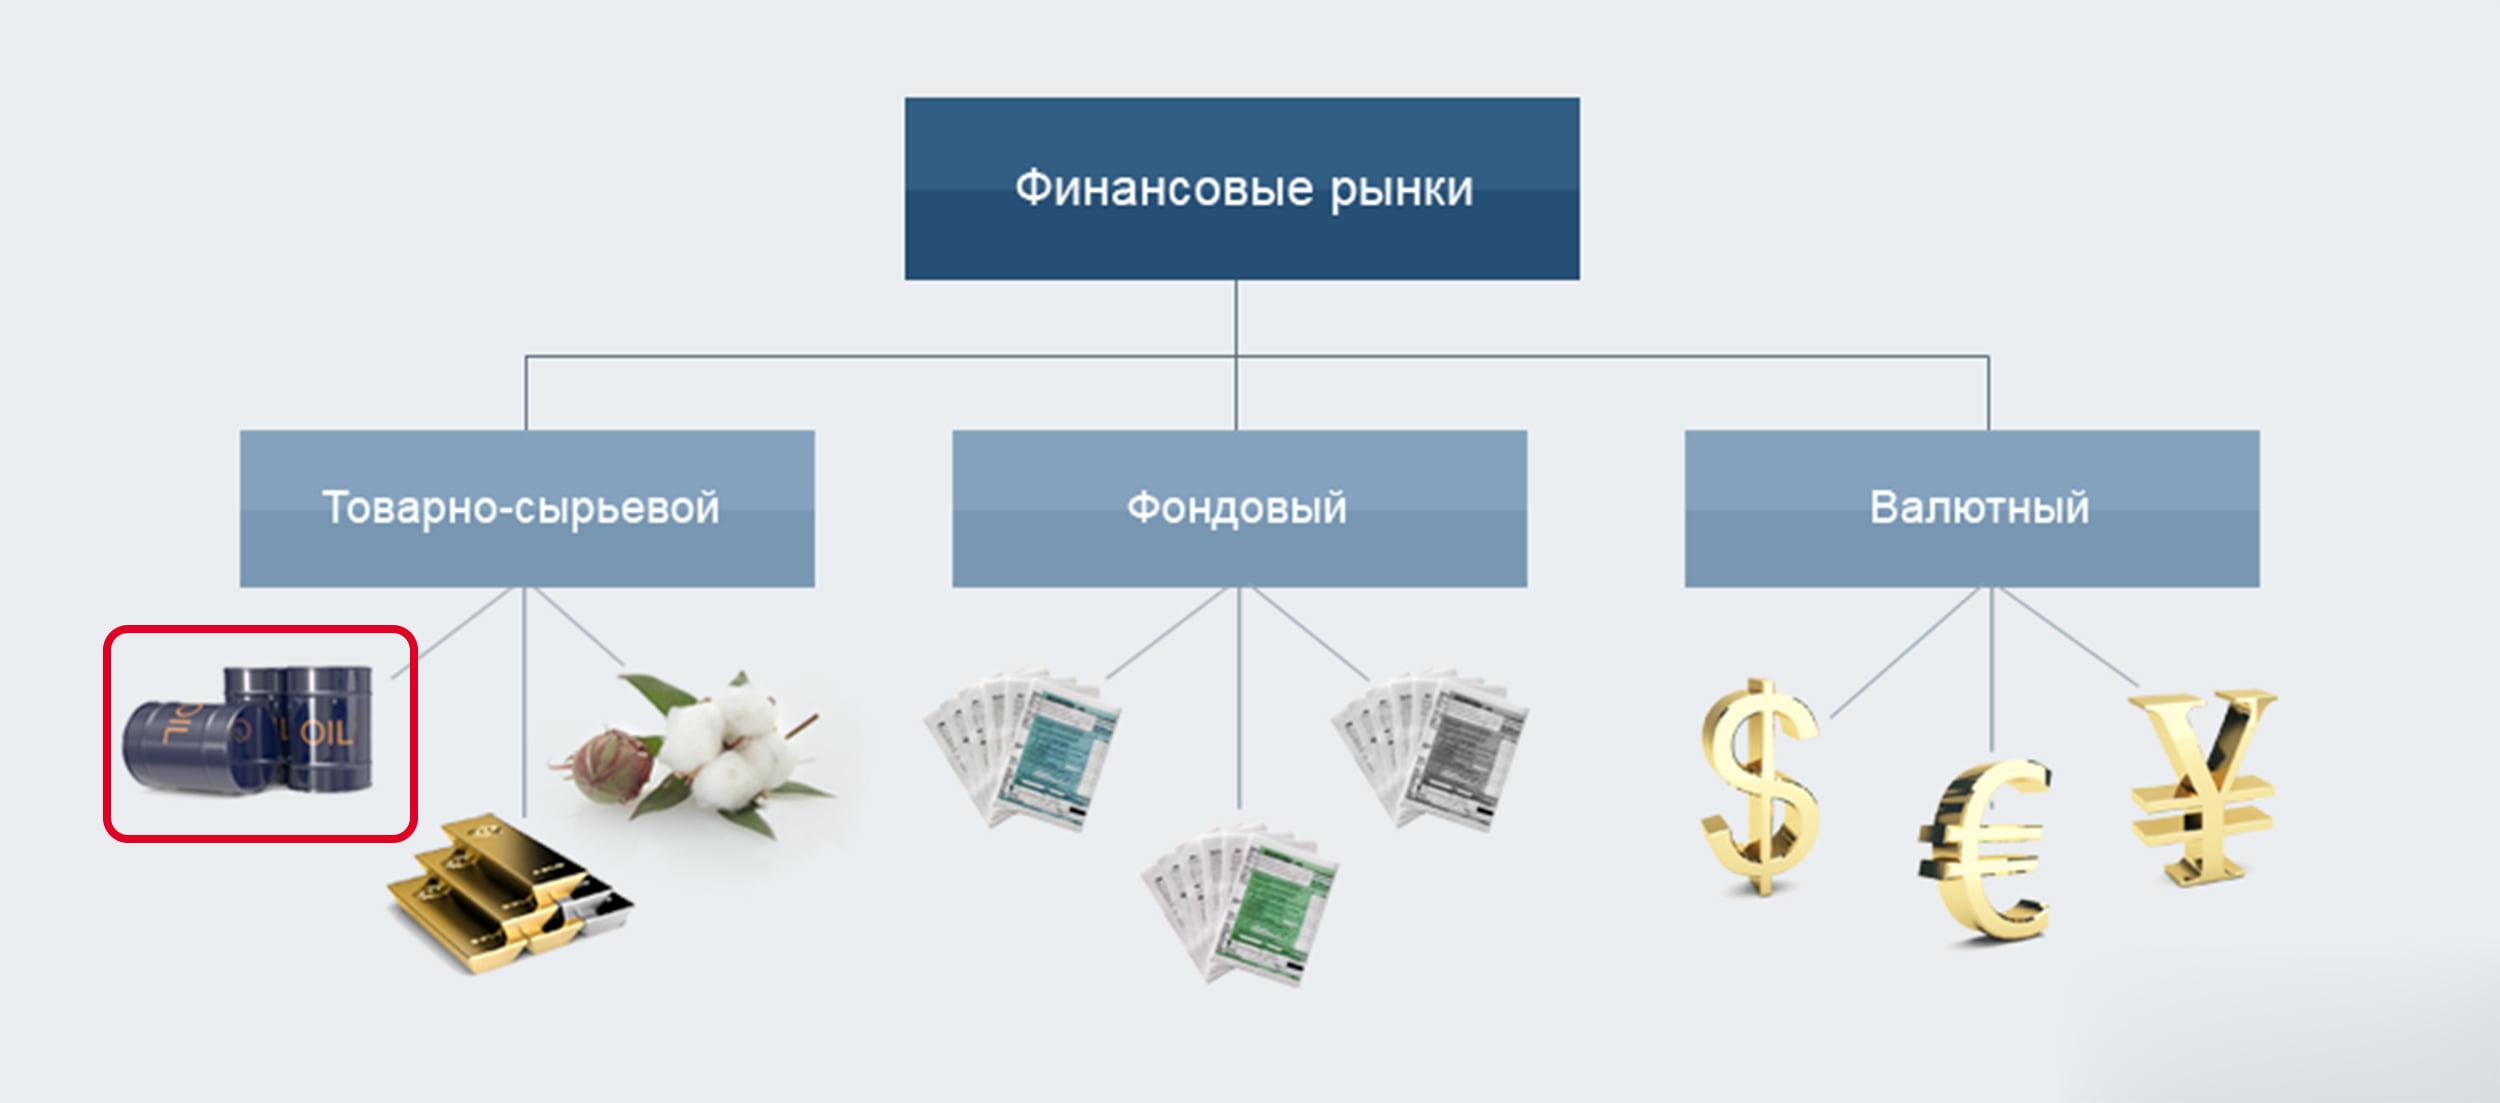 В инжиниринге шпаргалка использование опционов финансовом